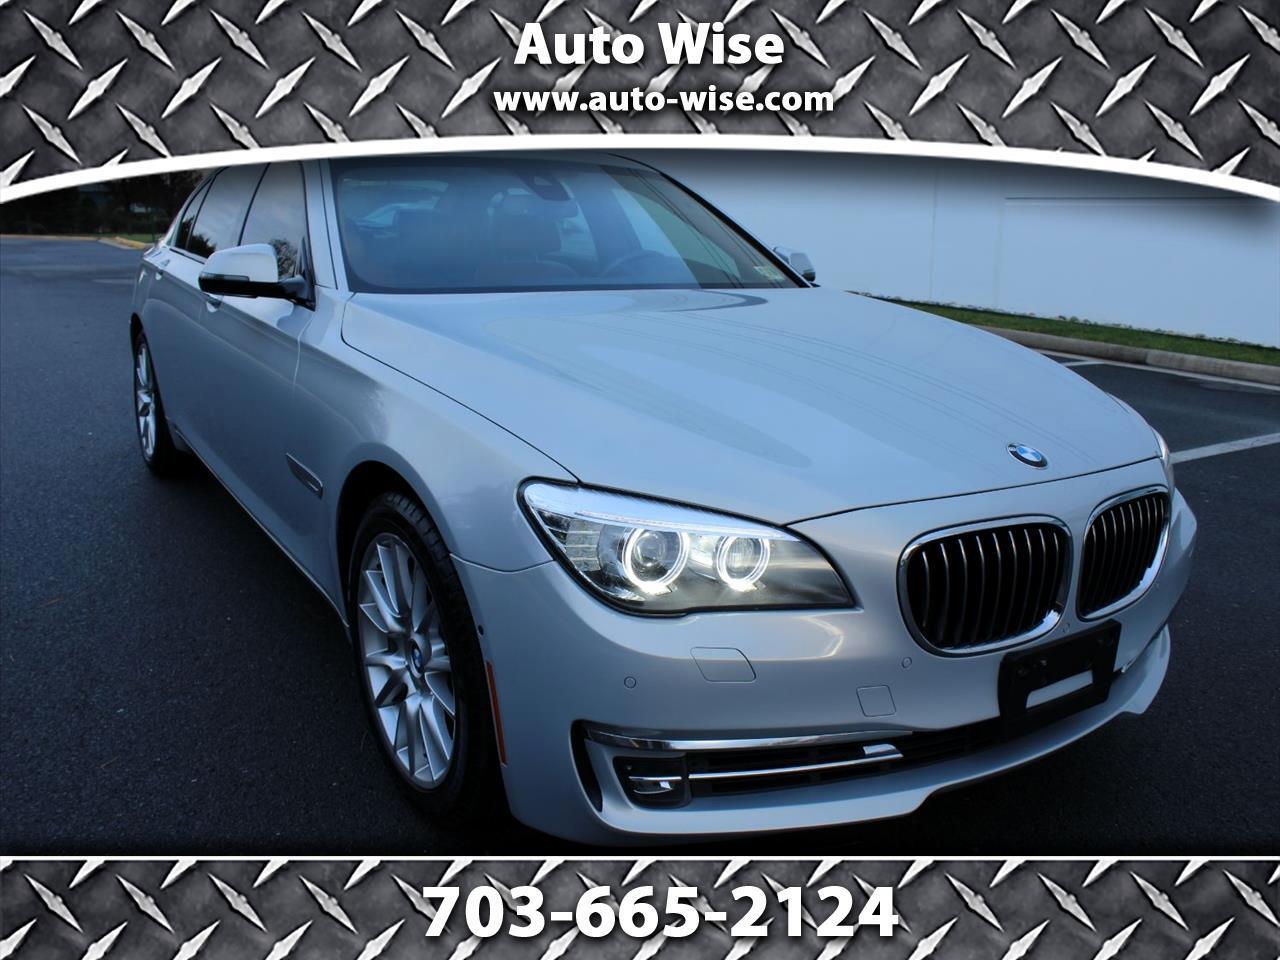 2013 BMW 7 Series 4dr Sdn 740Li RWD